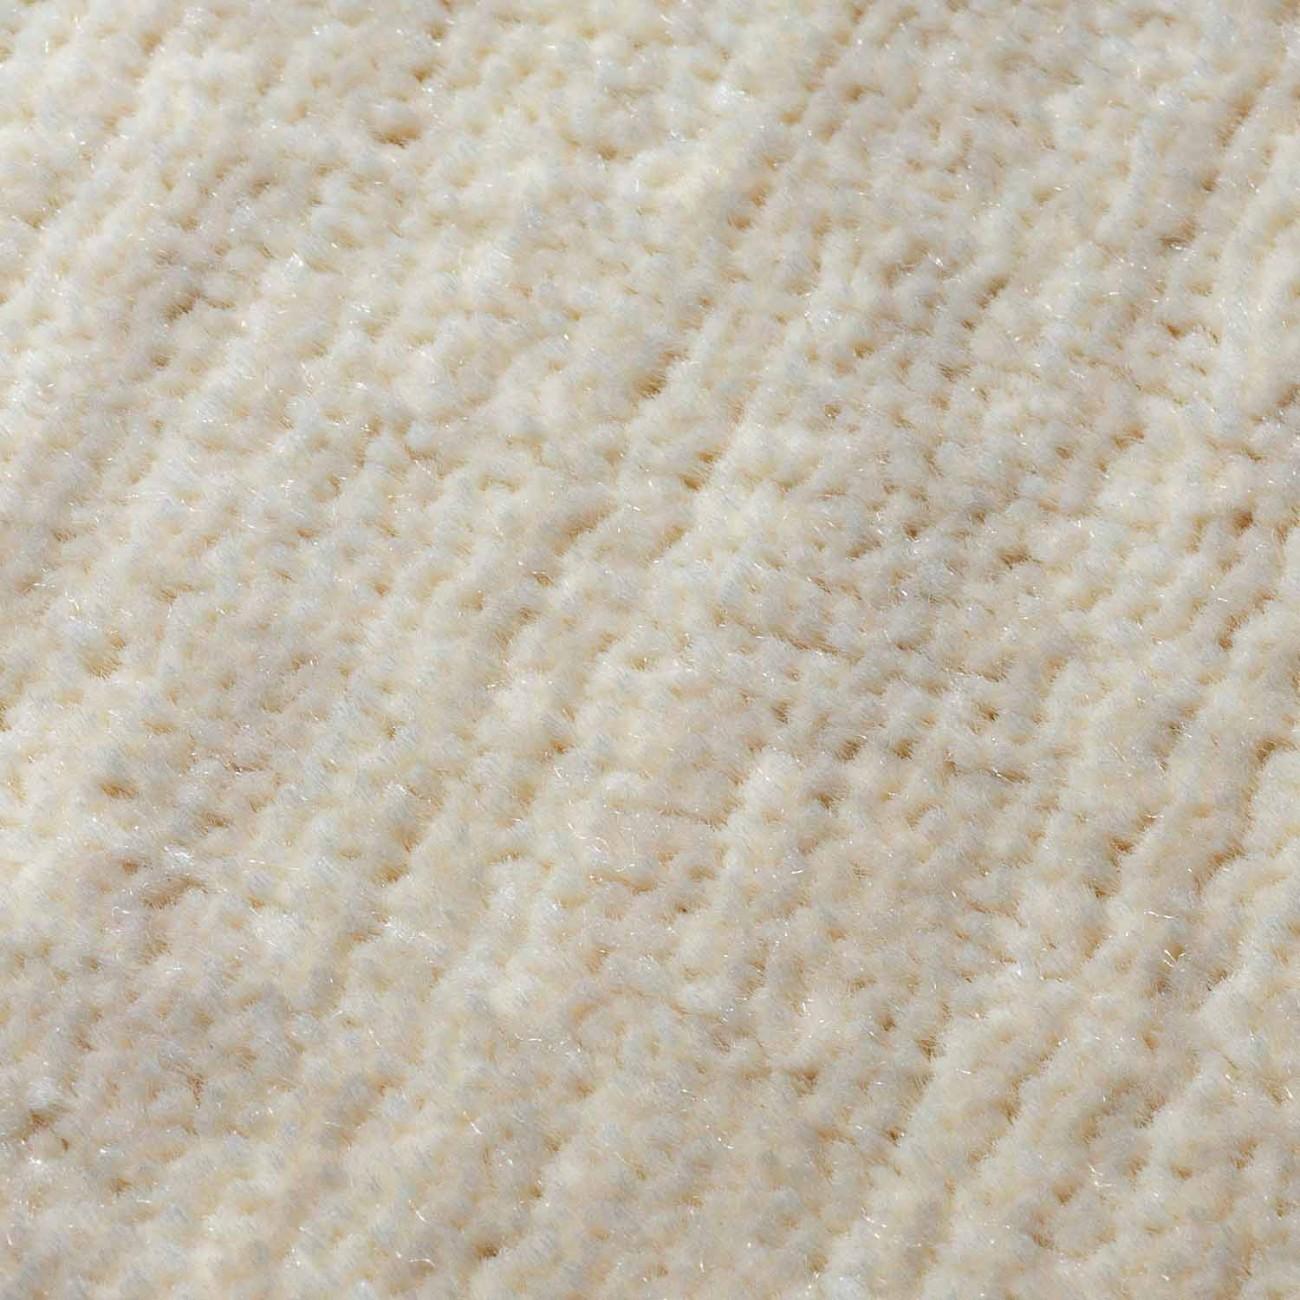 Tapete Dali Off White 240x340